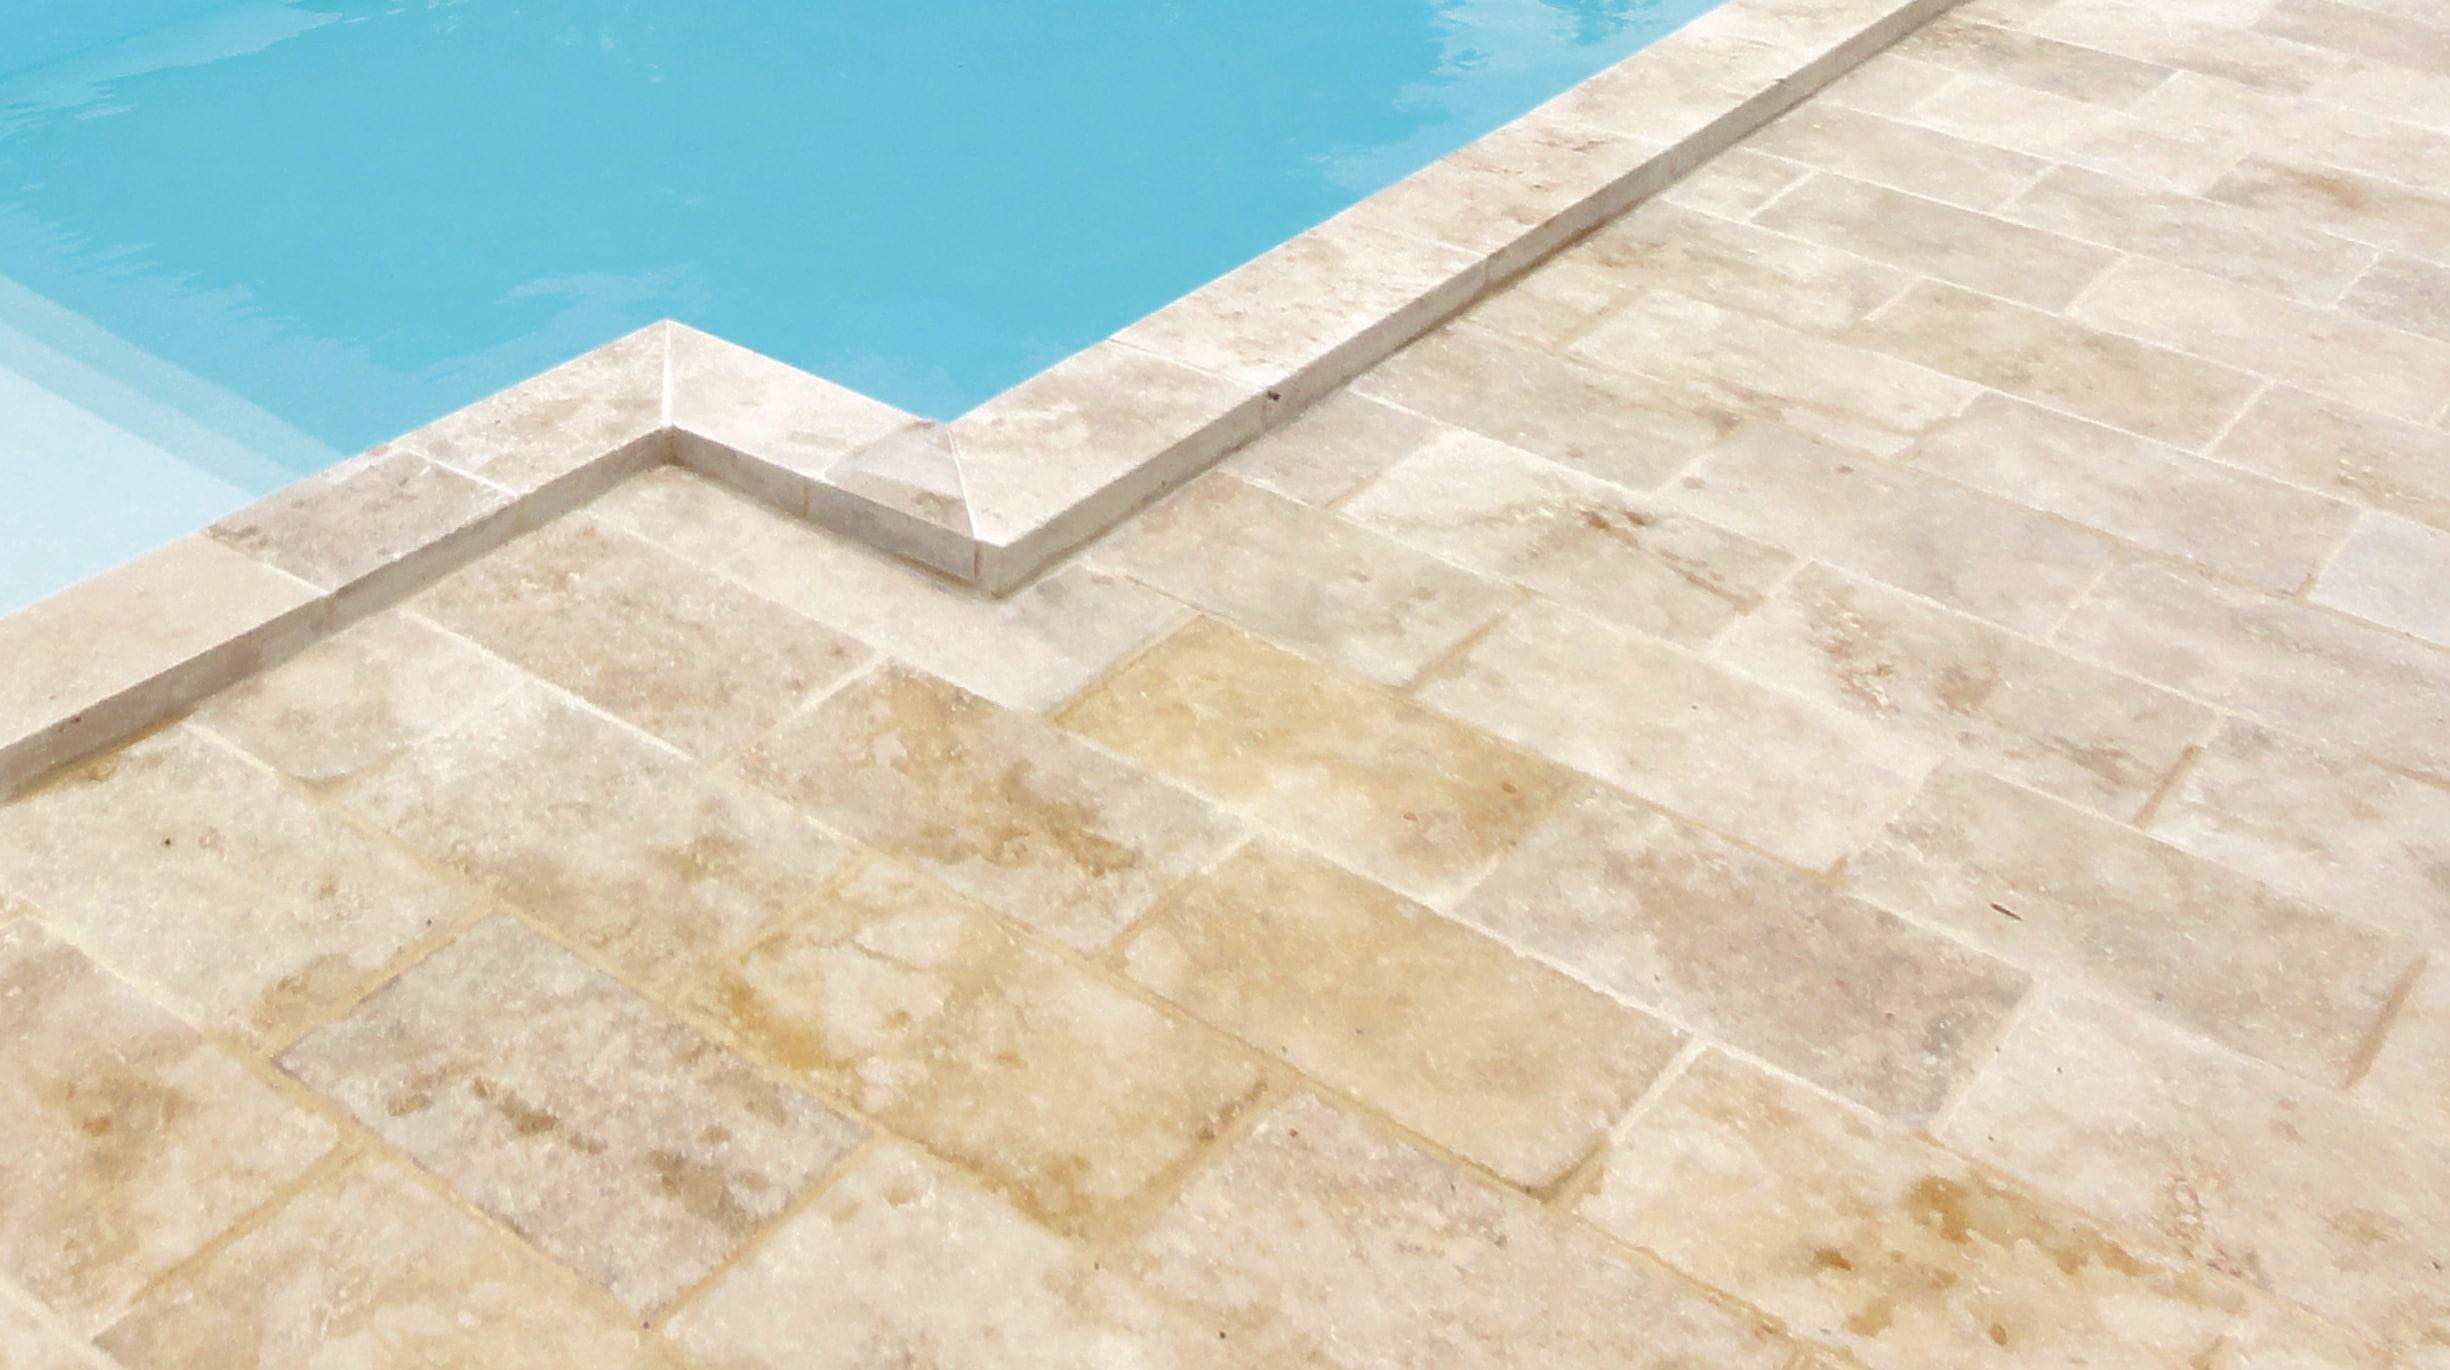 pierre-taillee Comment choisir le revêtement autour de sa piscine ?